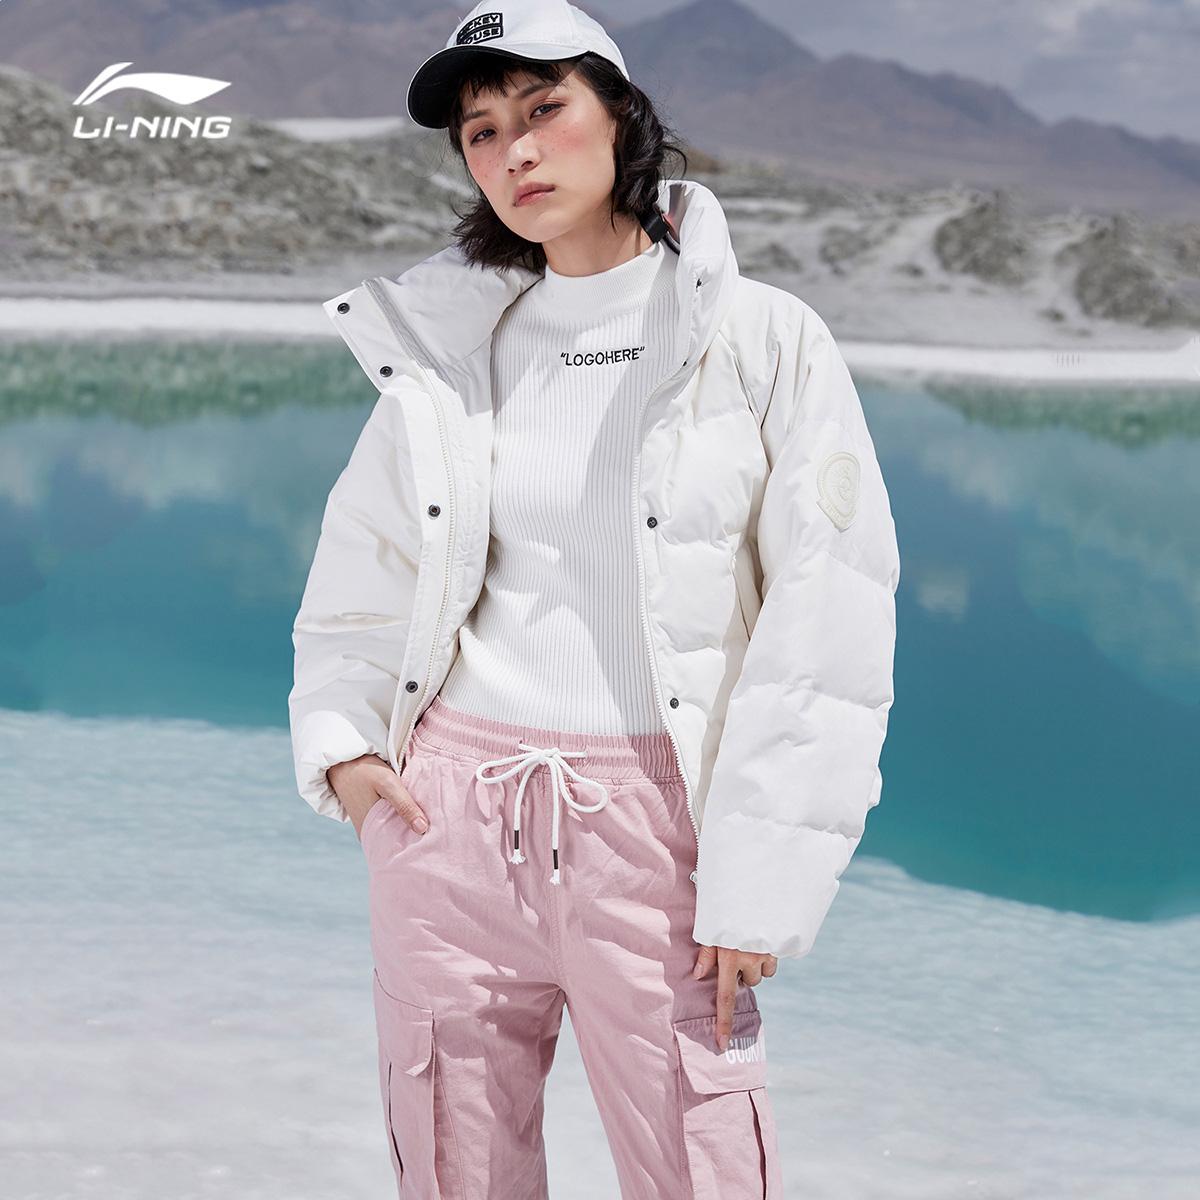 李宁短款羽绒服女士冬季休闲立领上衣白鸭绒运动服女图片